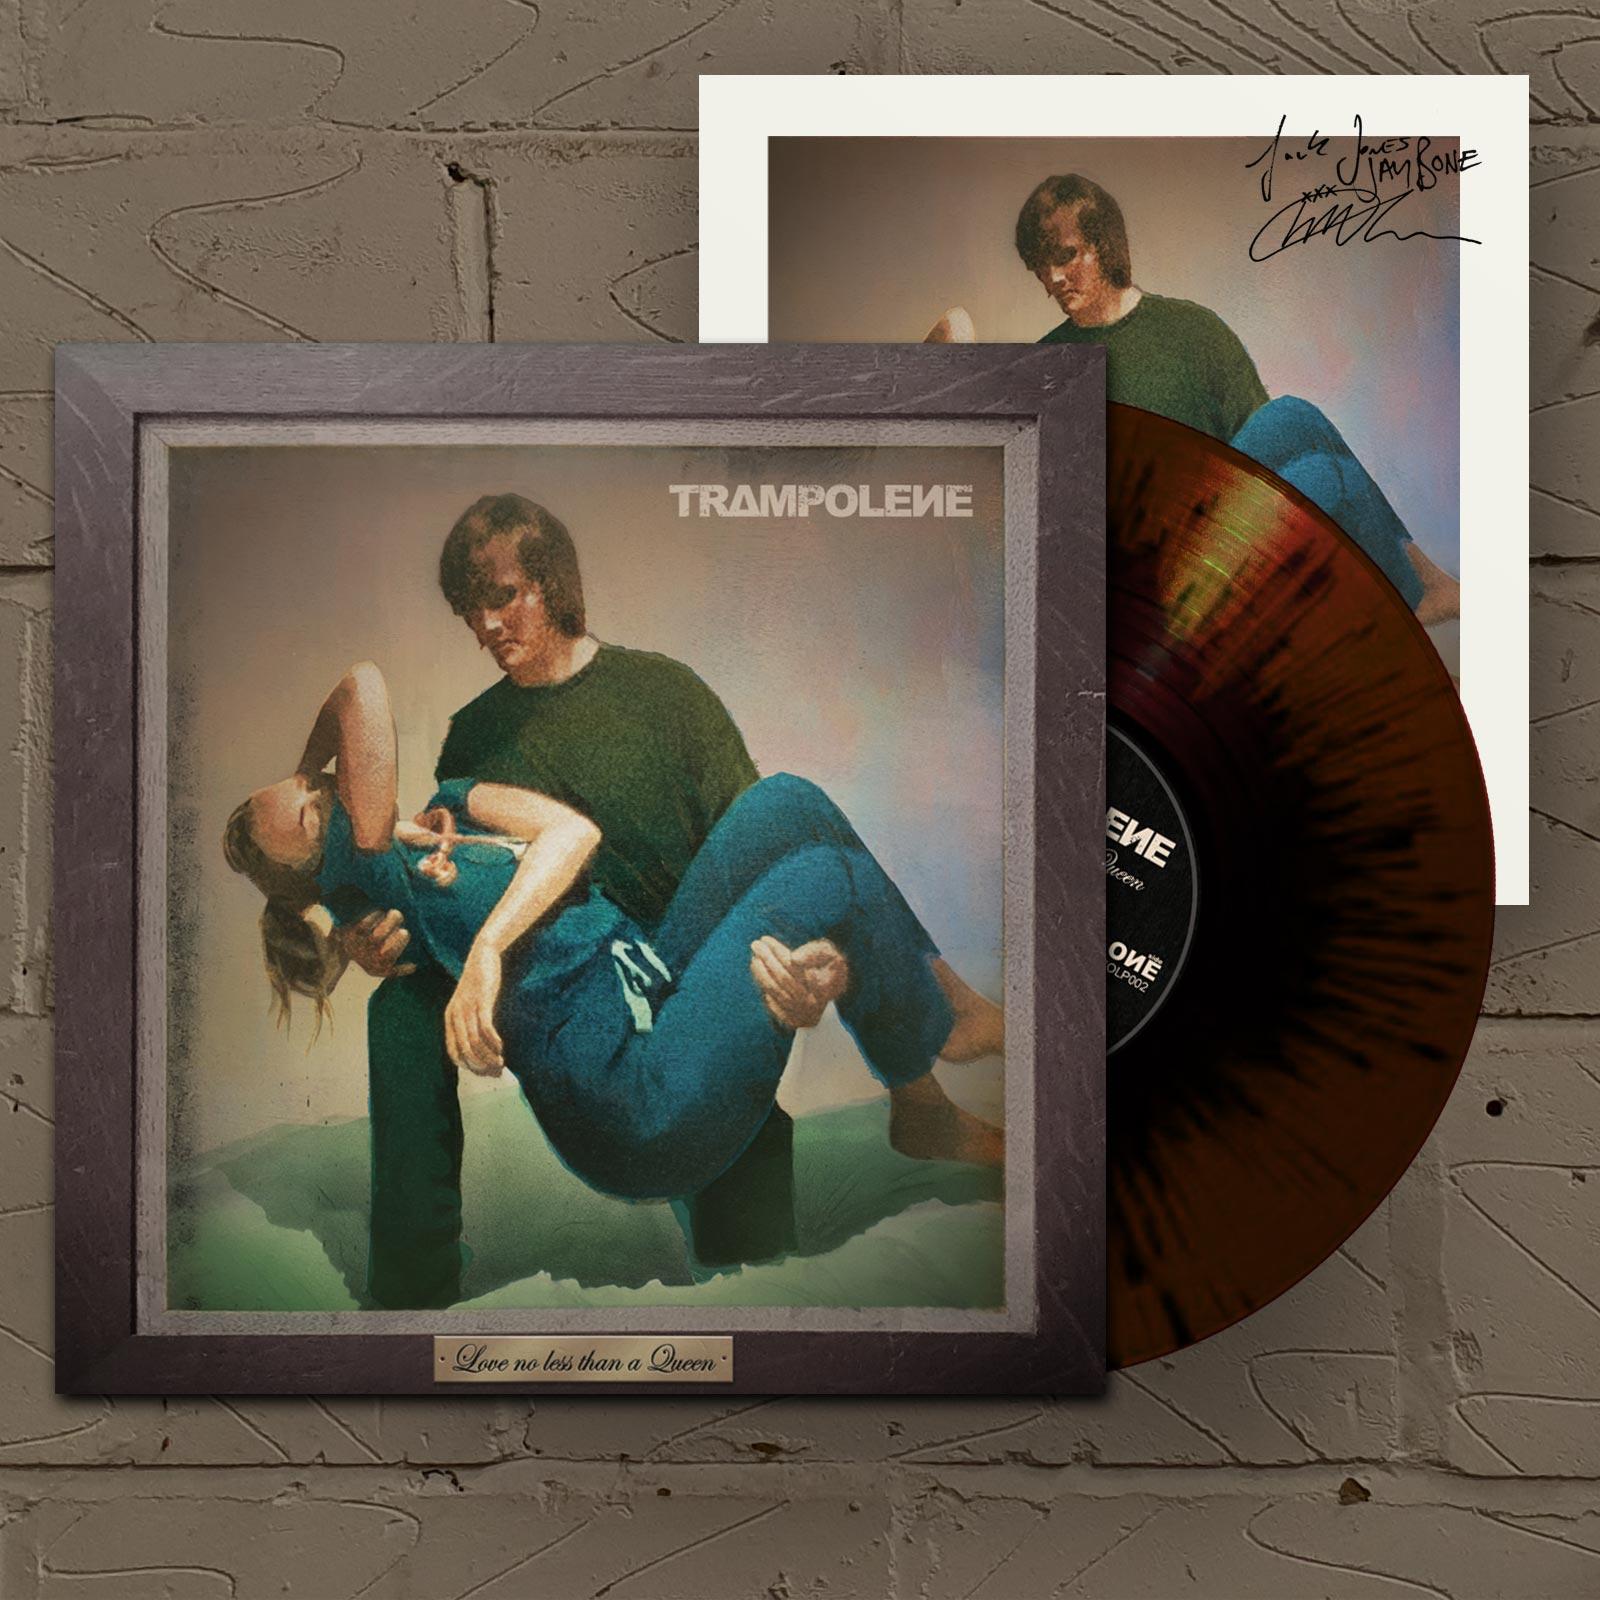 Love No Less Than A Queen Marble LP